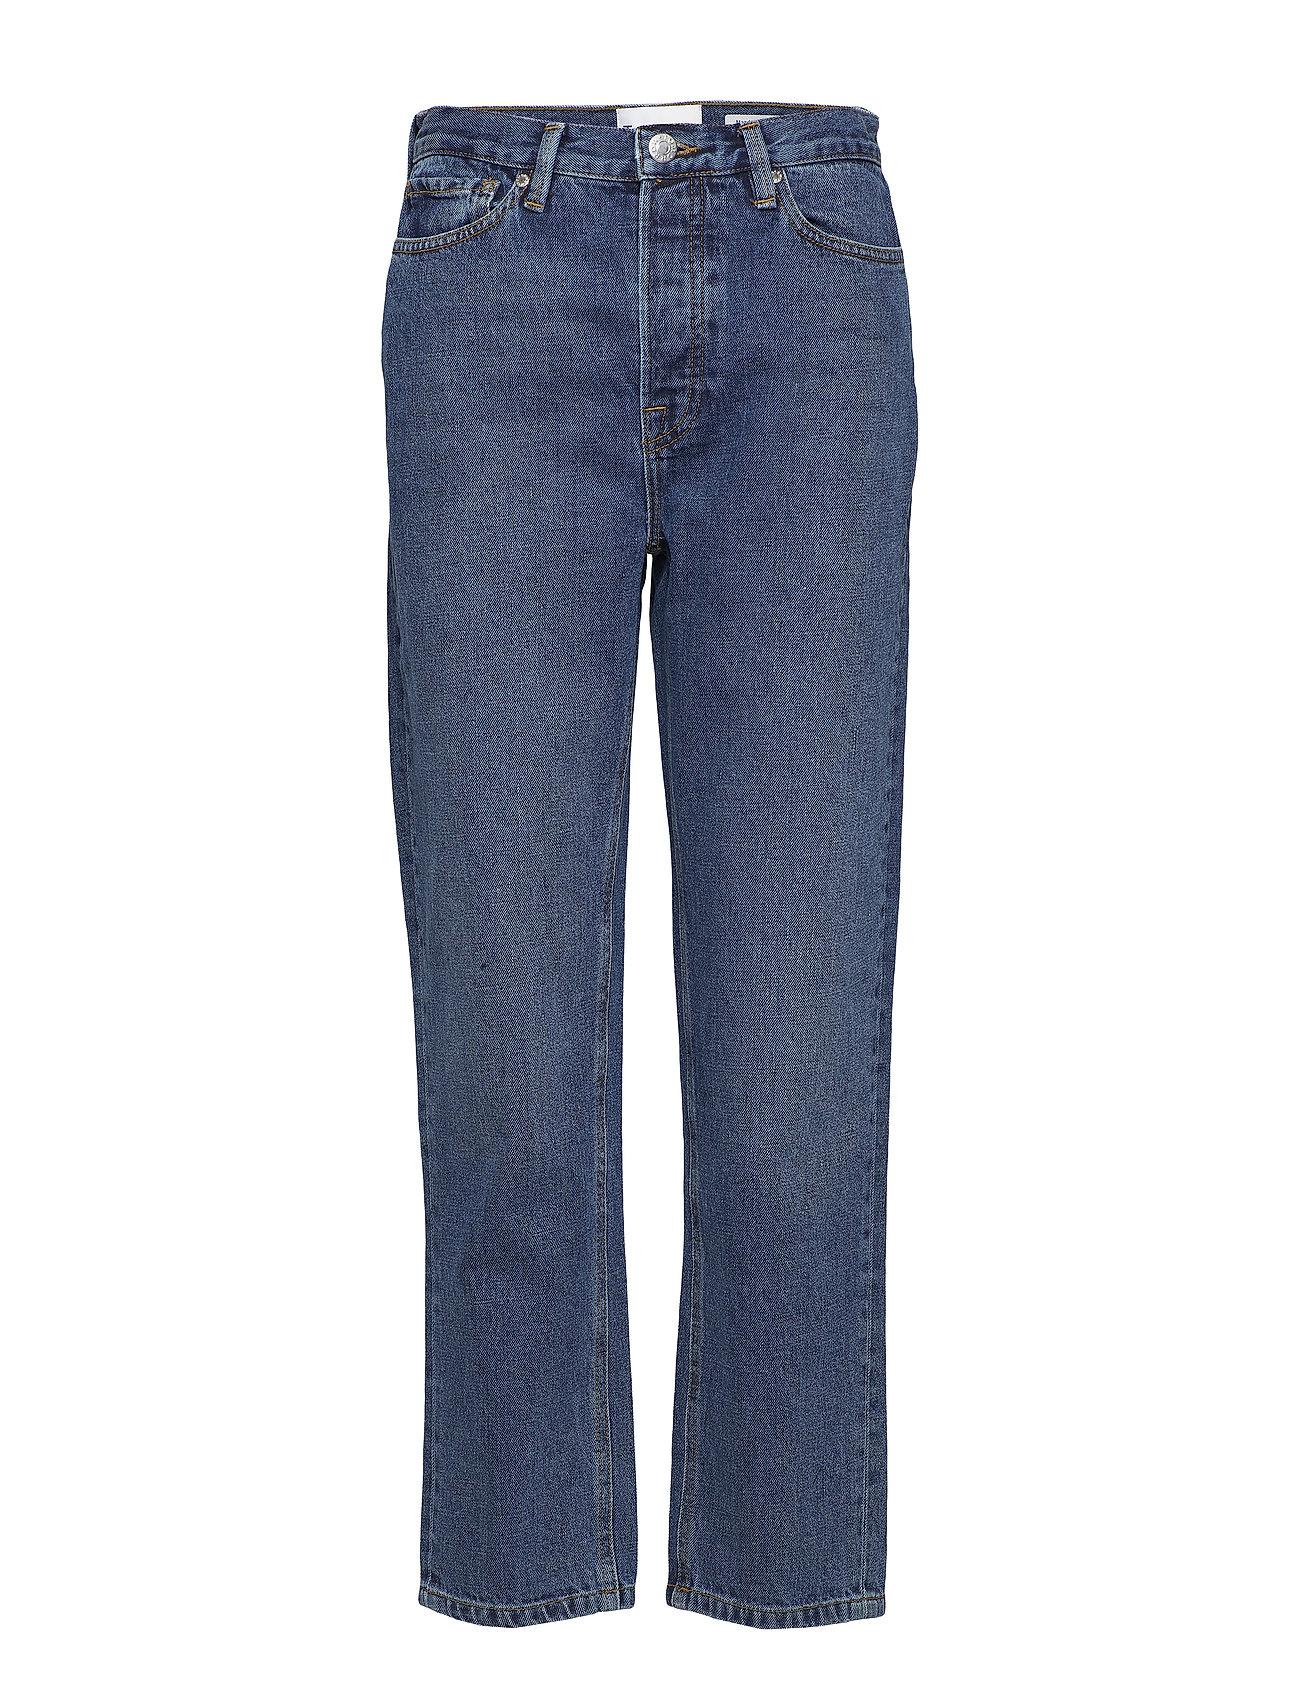 Tomorrow Mandela HW straight jeans wash Oxford